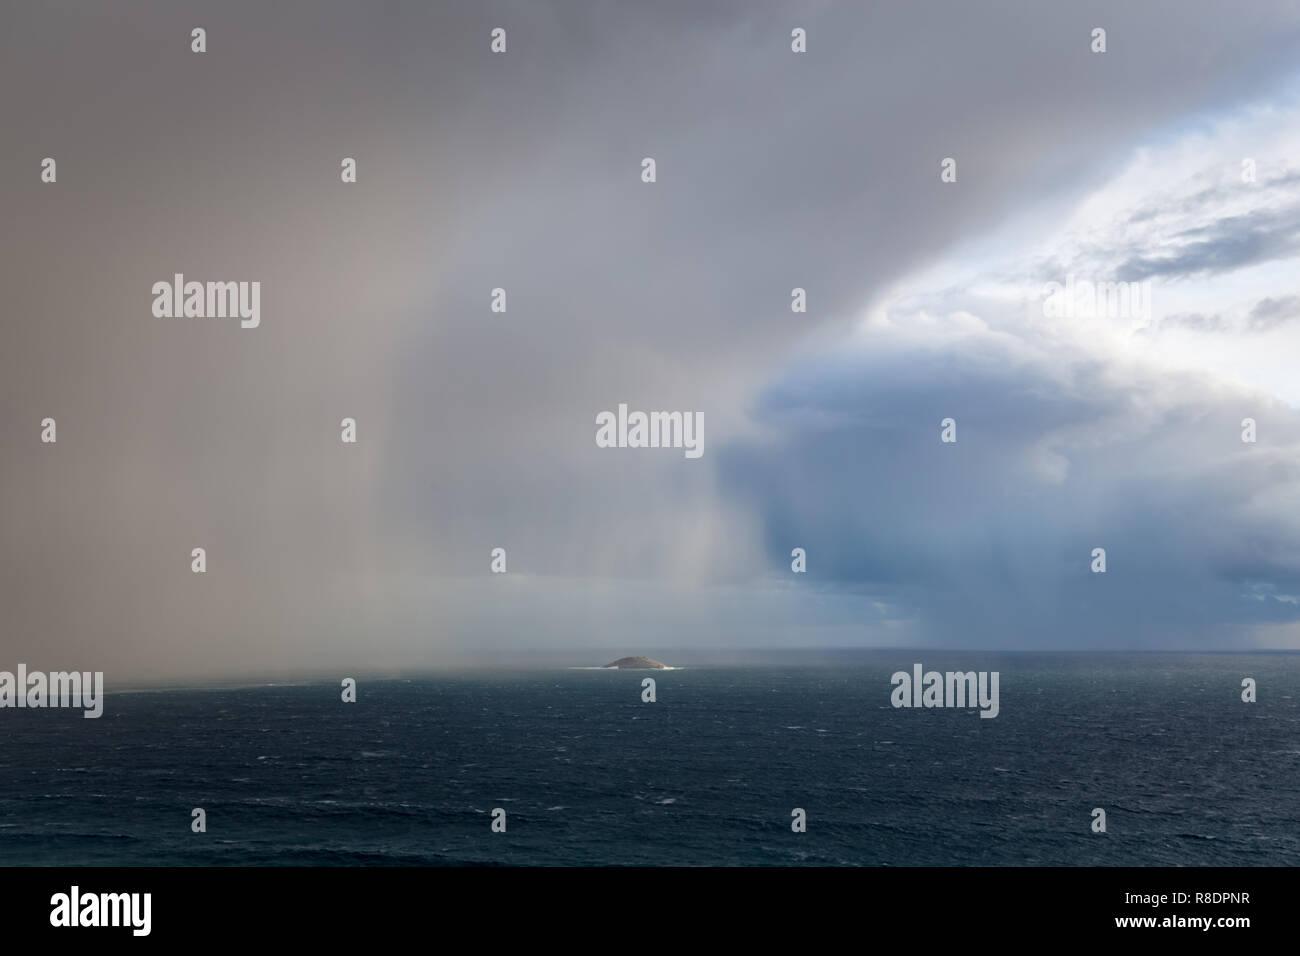 Menaces sur l'océan du Sud Photo Stock